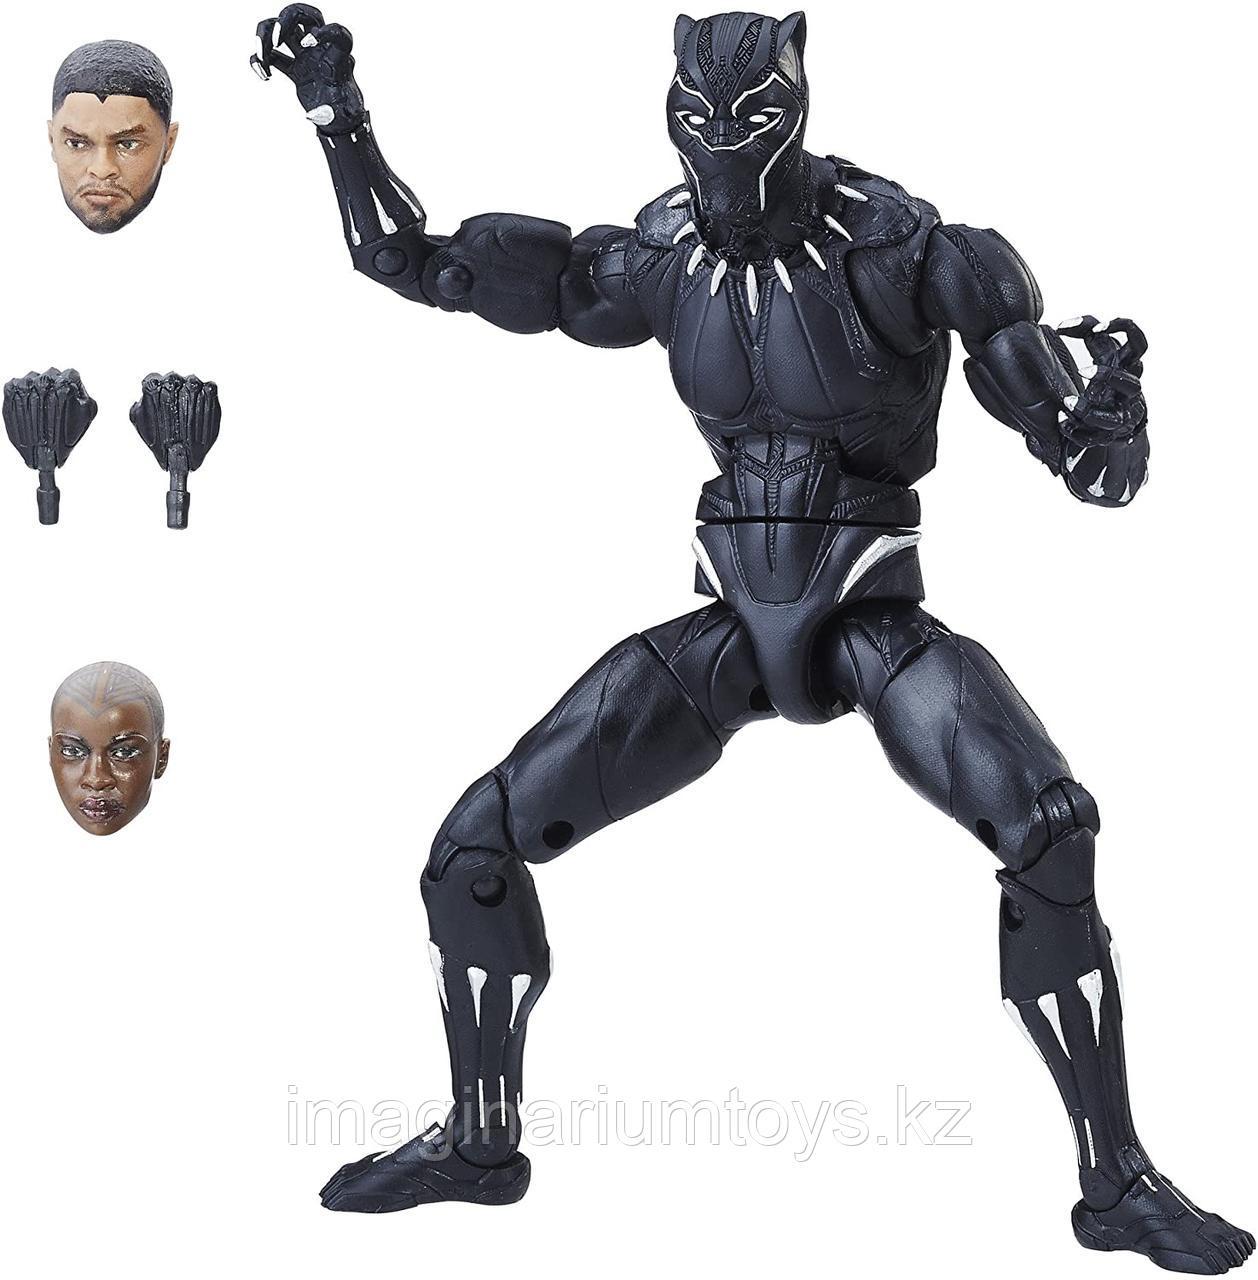 Фигурка Черная пантера полная подвижность 15 см с аксессуарами